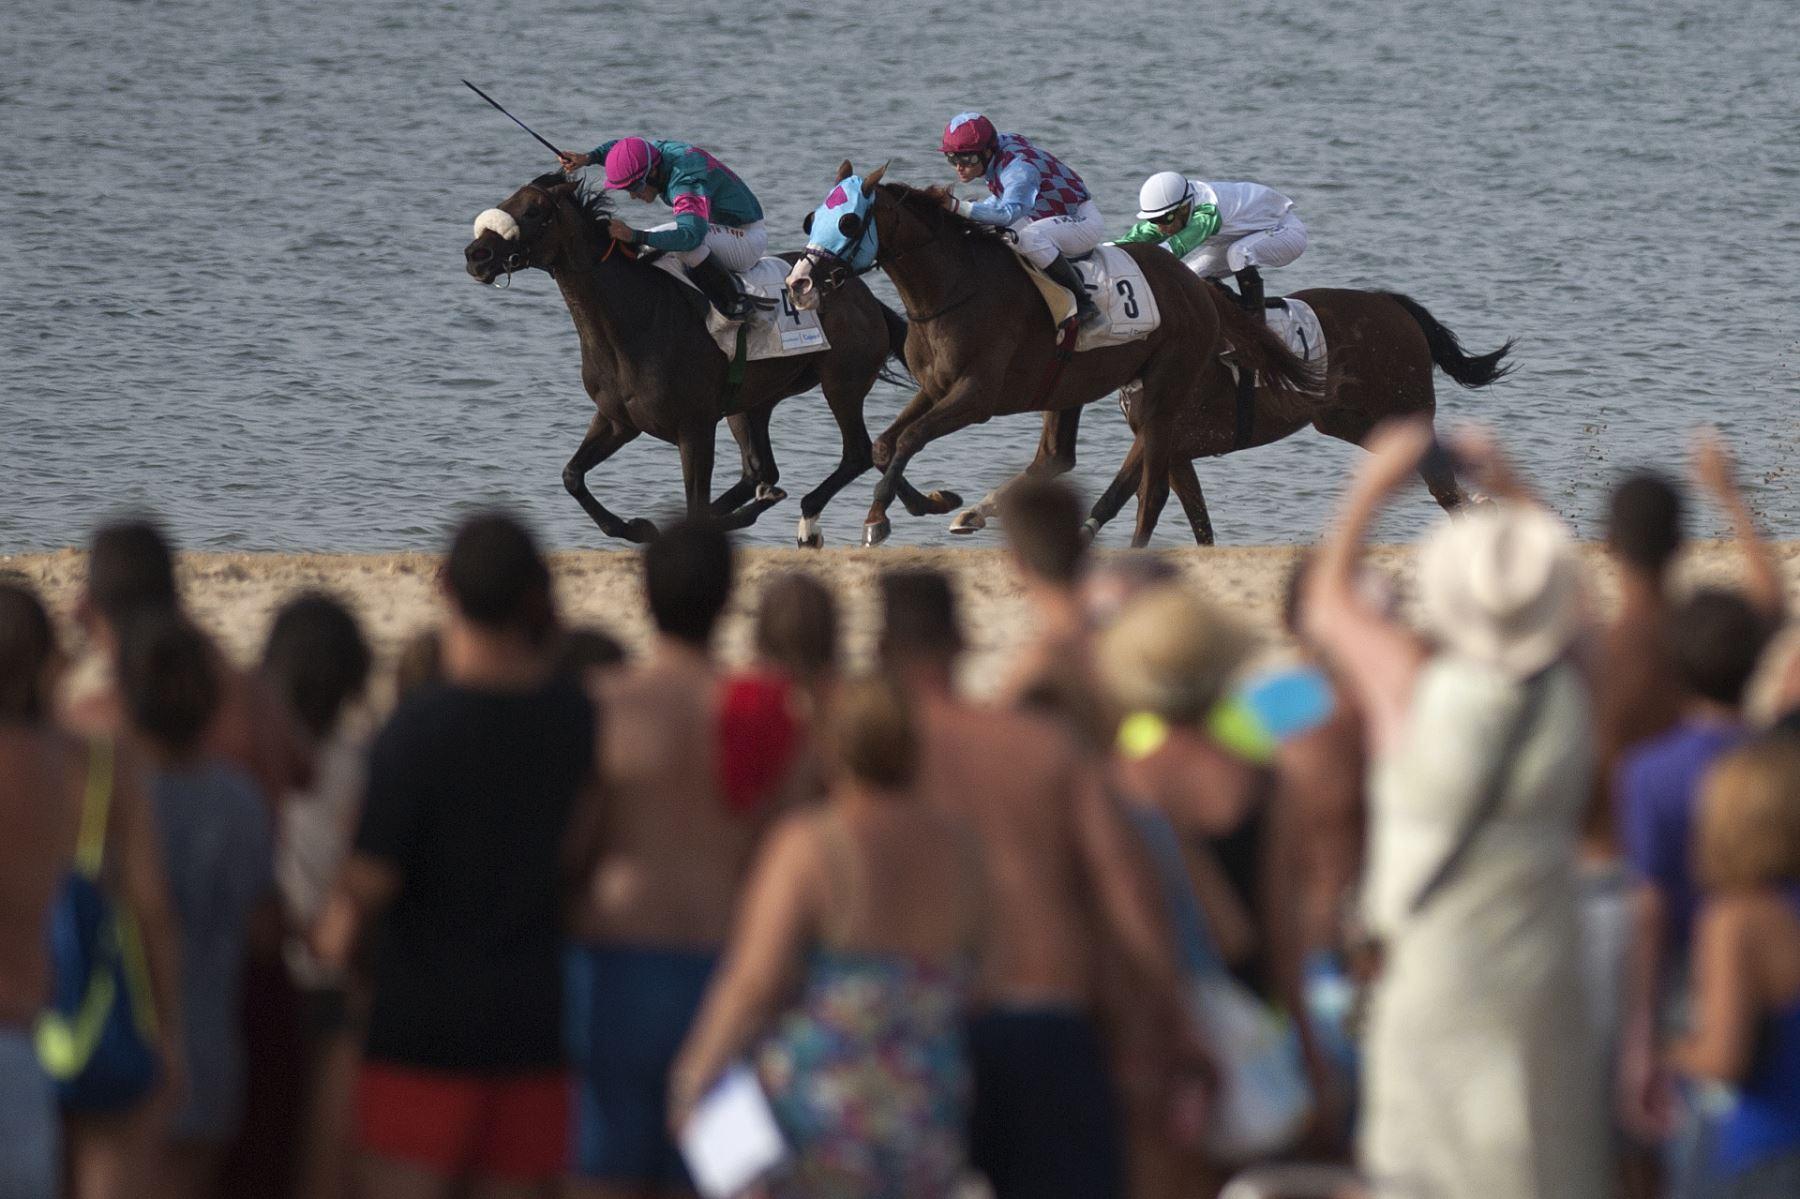 carrera de jinetes a lo largo de la playa durante la carrera anual de caballos en la playa de Sanlúcar de Barrameda, cerca de Cádiz Foto: AFP